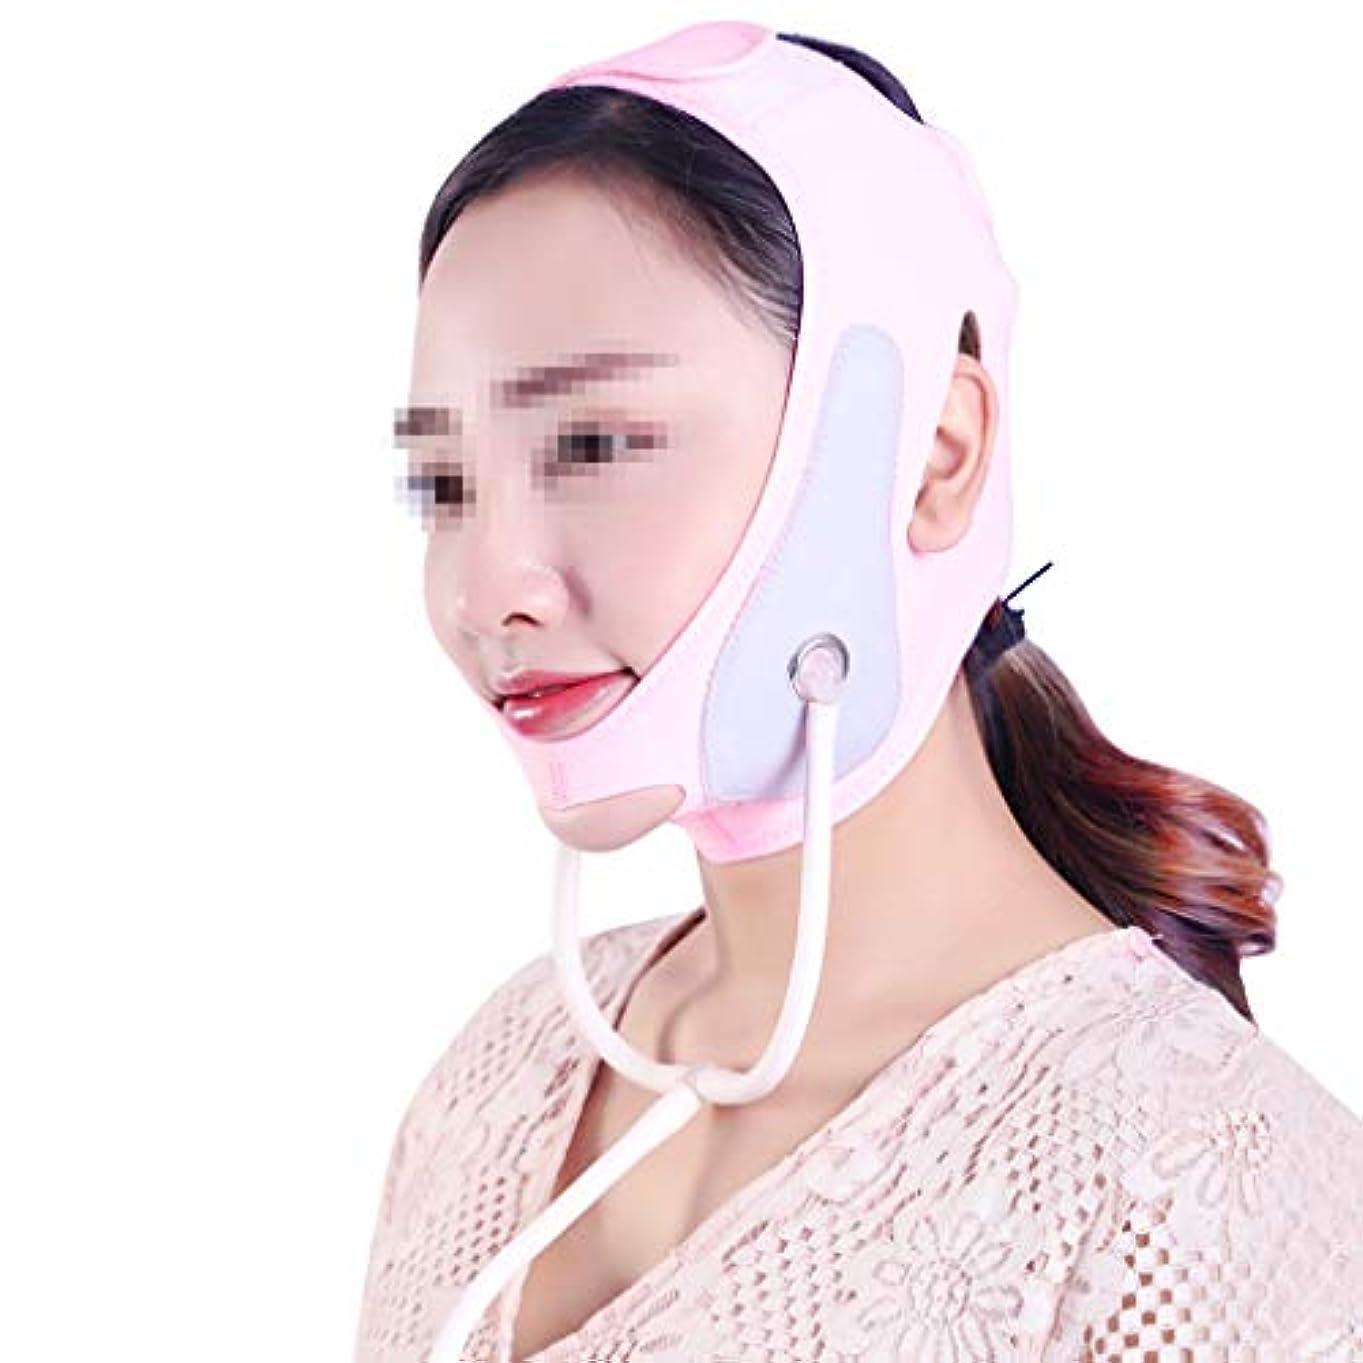 フルーティー頑丈ナビゲーションインフレータブルフェイスリフティングマスク、小さなvフェイスステッカーリフトプル形状筋肉引き締めスキンダブルチン包帯ピンク